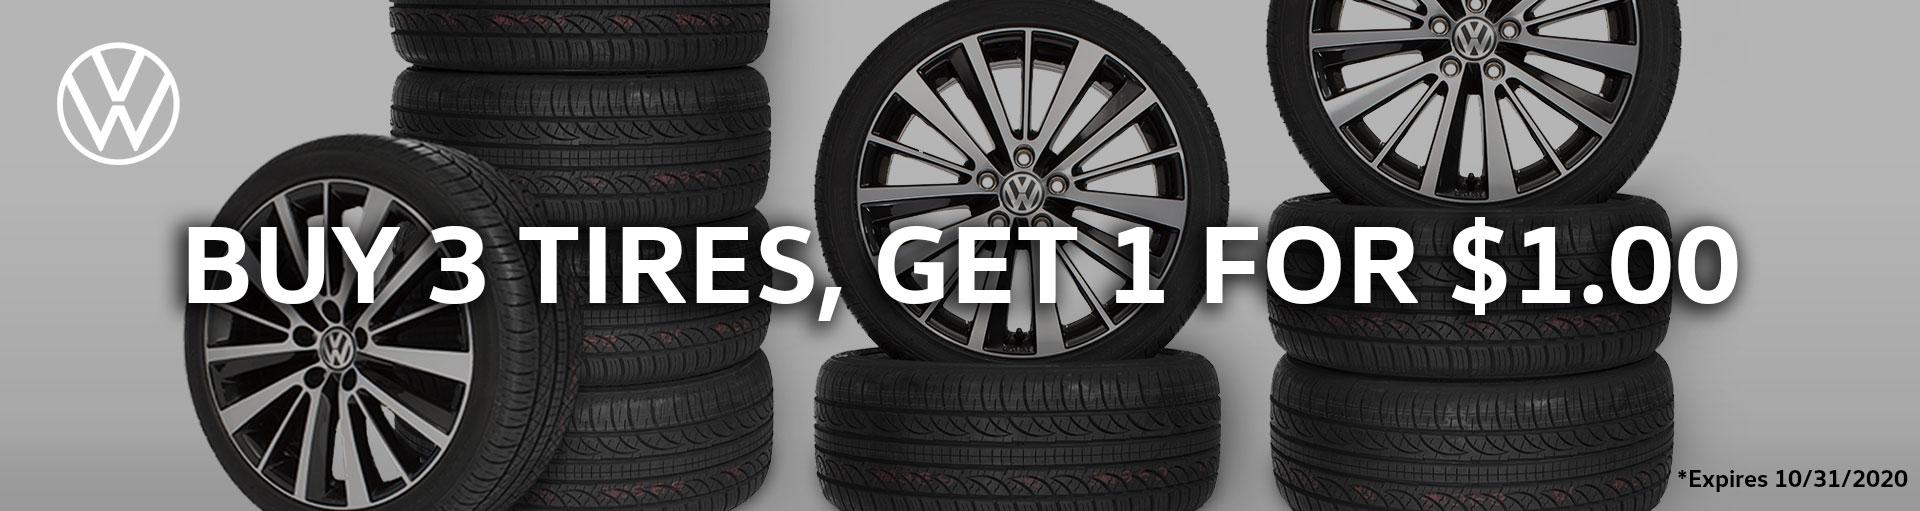 Volkswagen Buy 3 Get 1 Tire Special